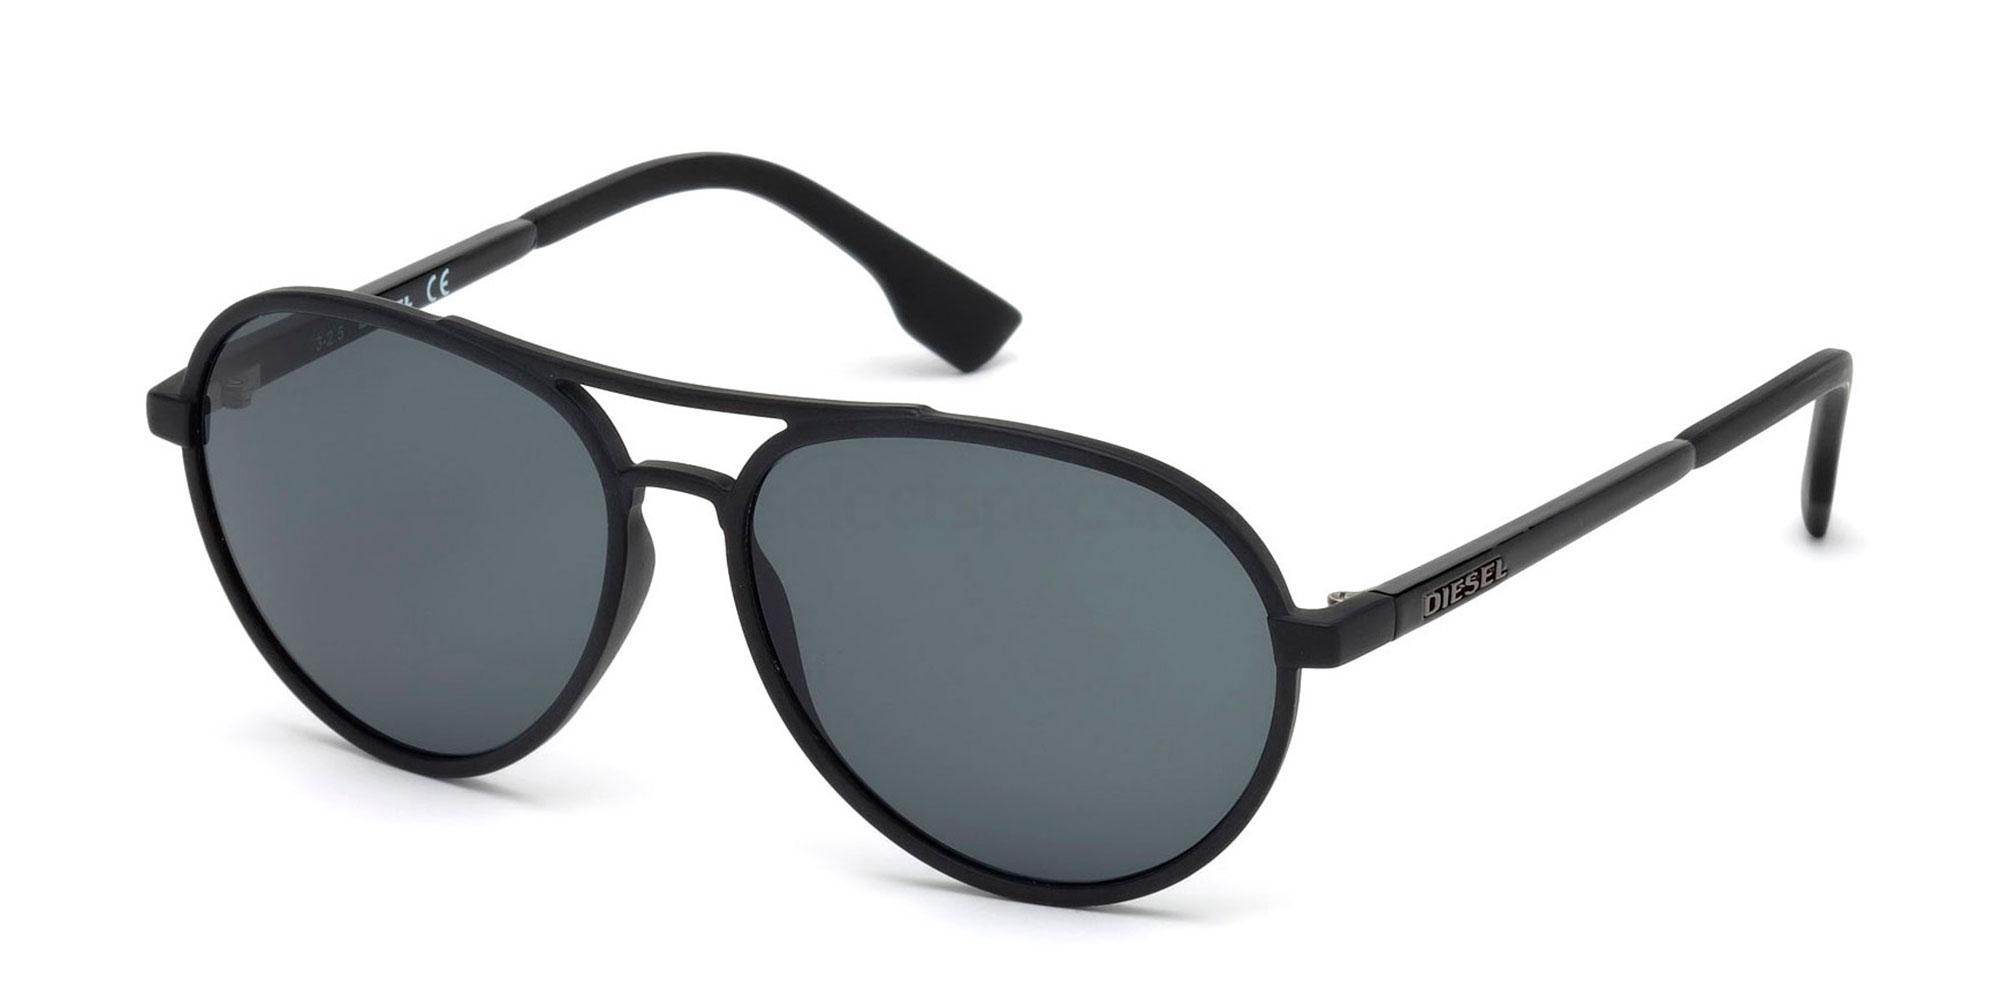 02N DL0196 Sunglasses, Diesel